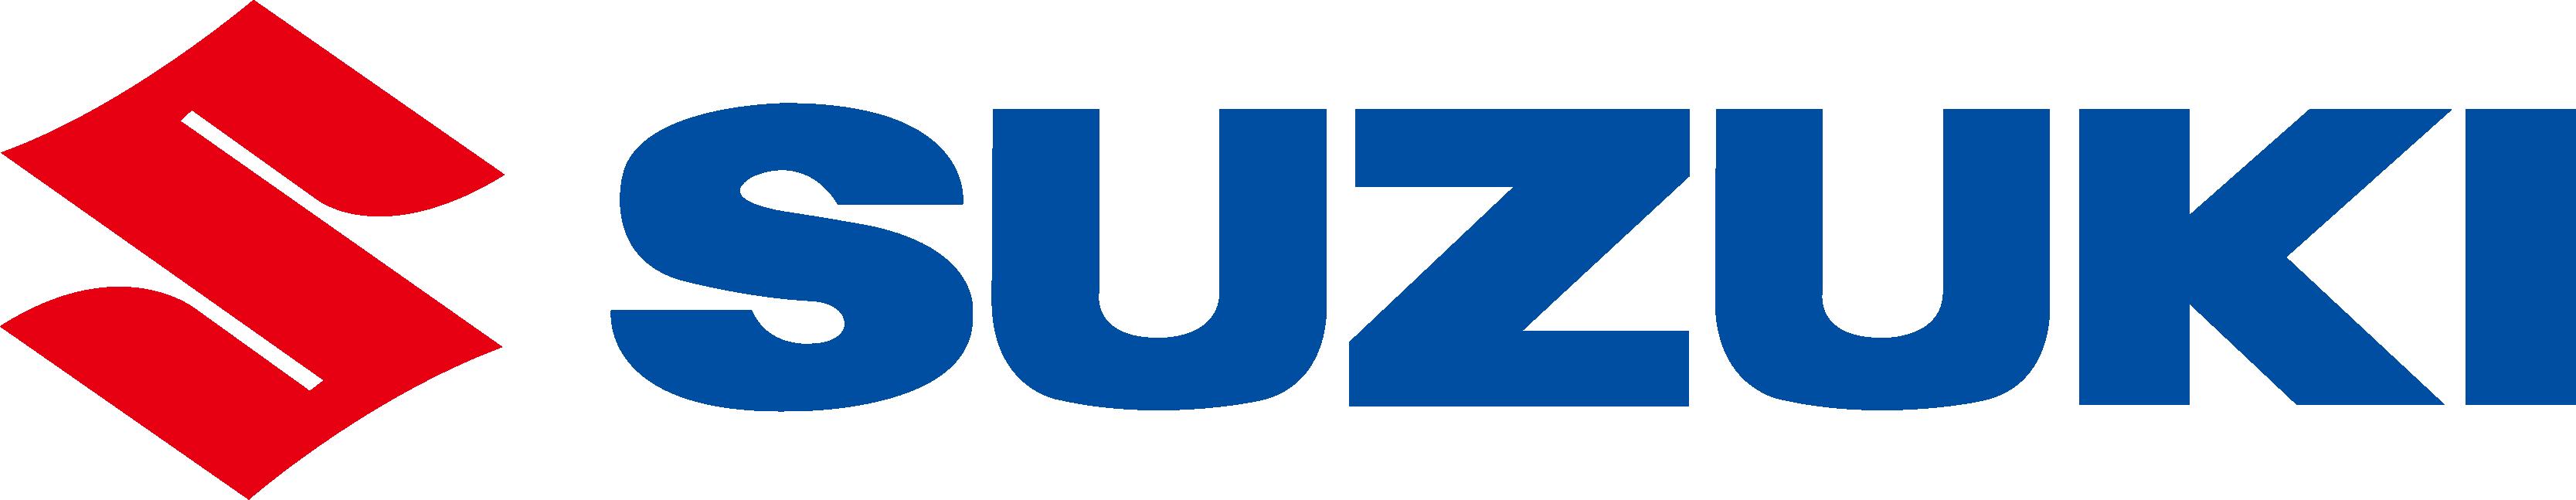 SUZUKI></a>  <a href=